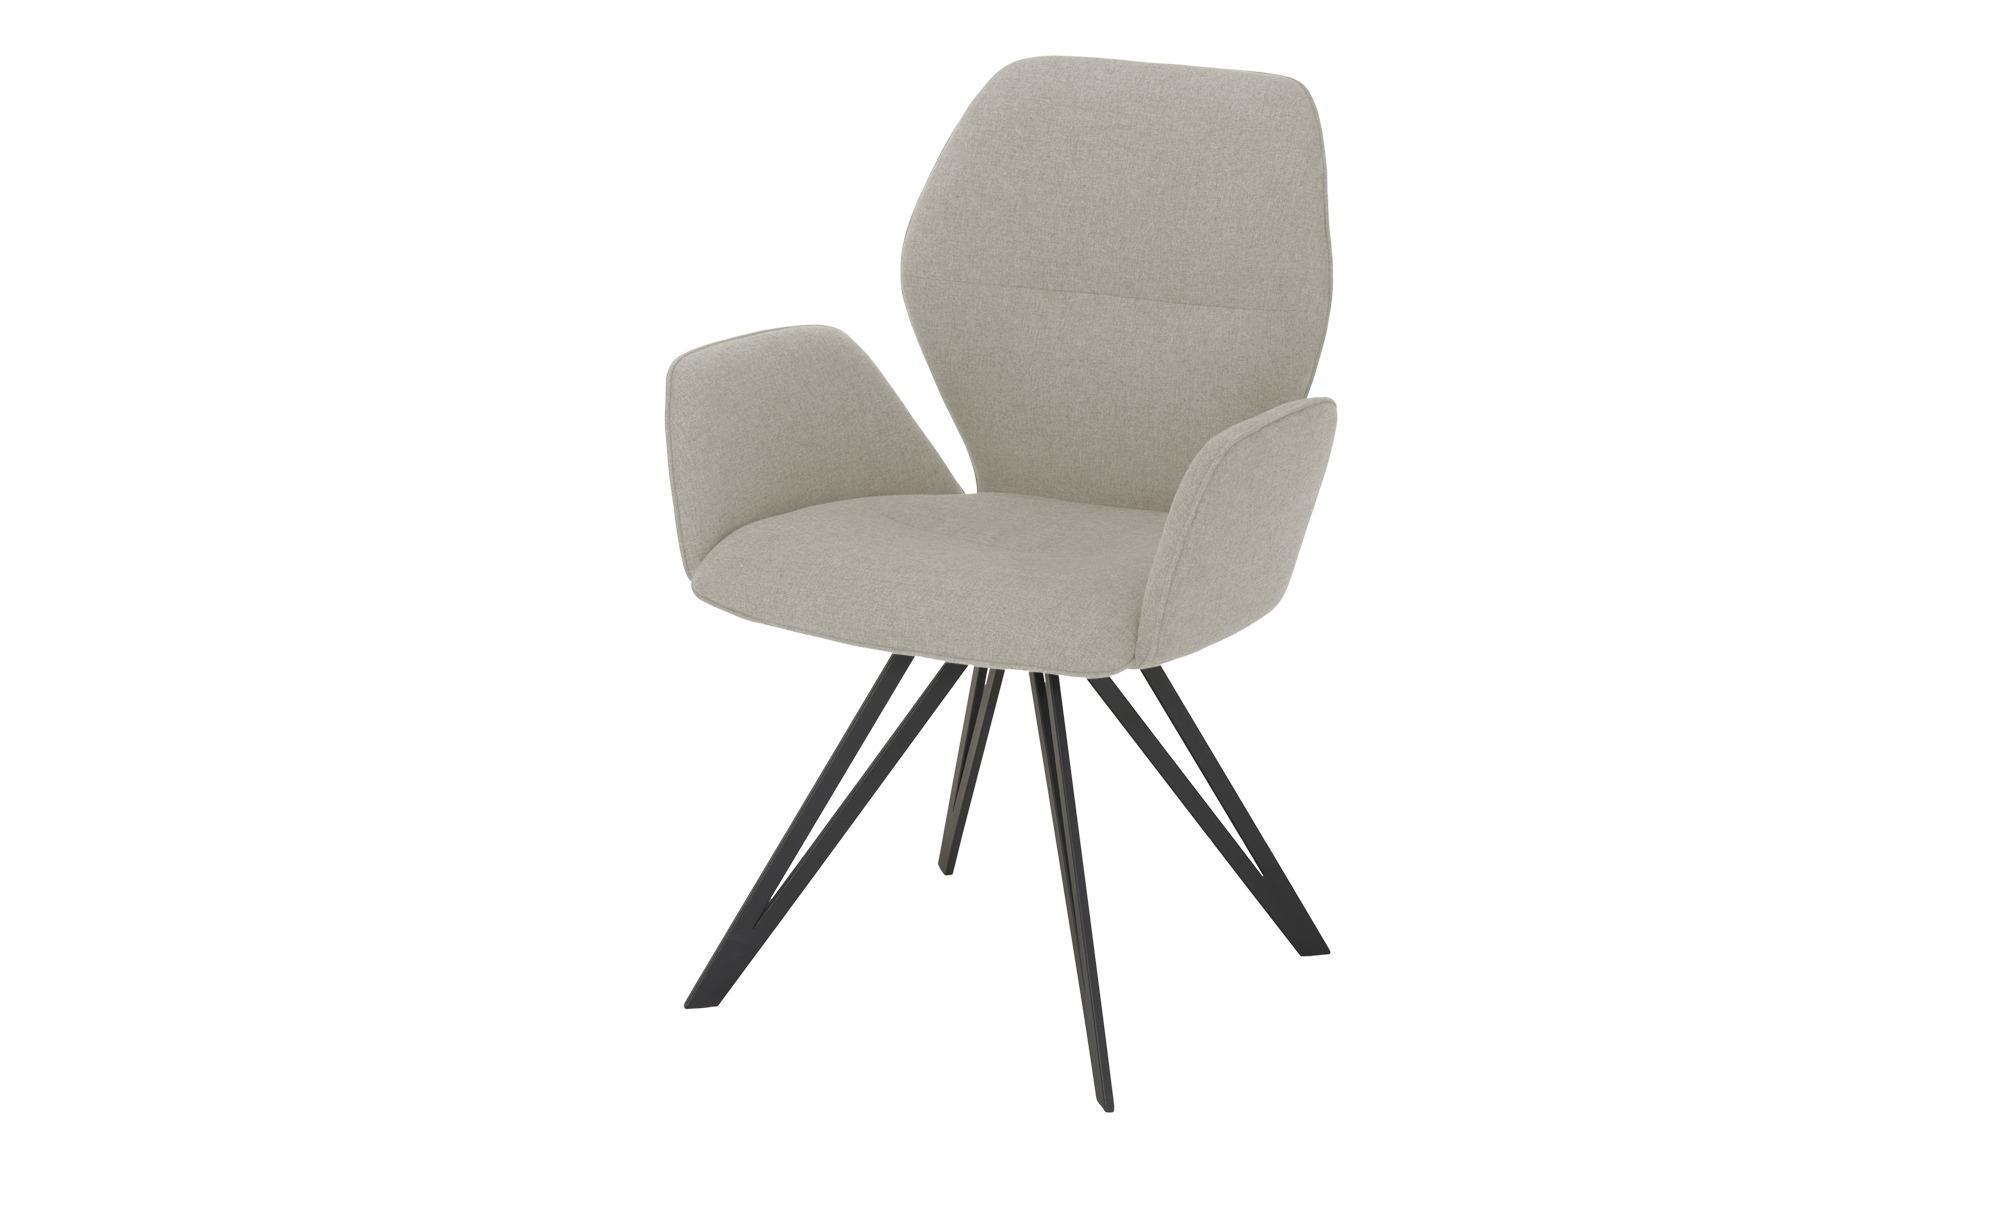 Armlehnstuhl  Merlot ¦ grau Stühle > Esszimmerstühle > Esszimmerstühle mit Armlehnen - Höffner